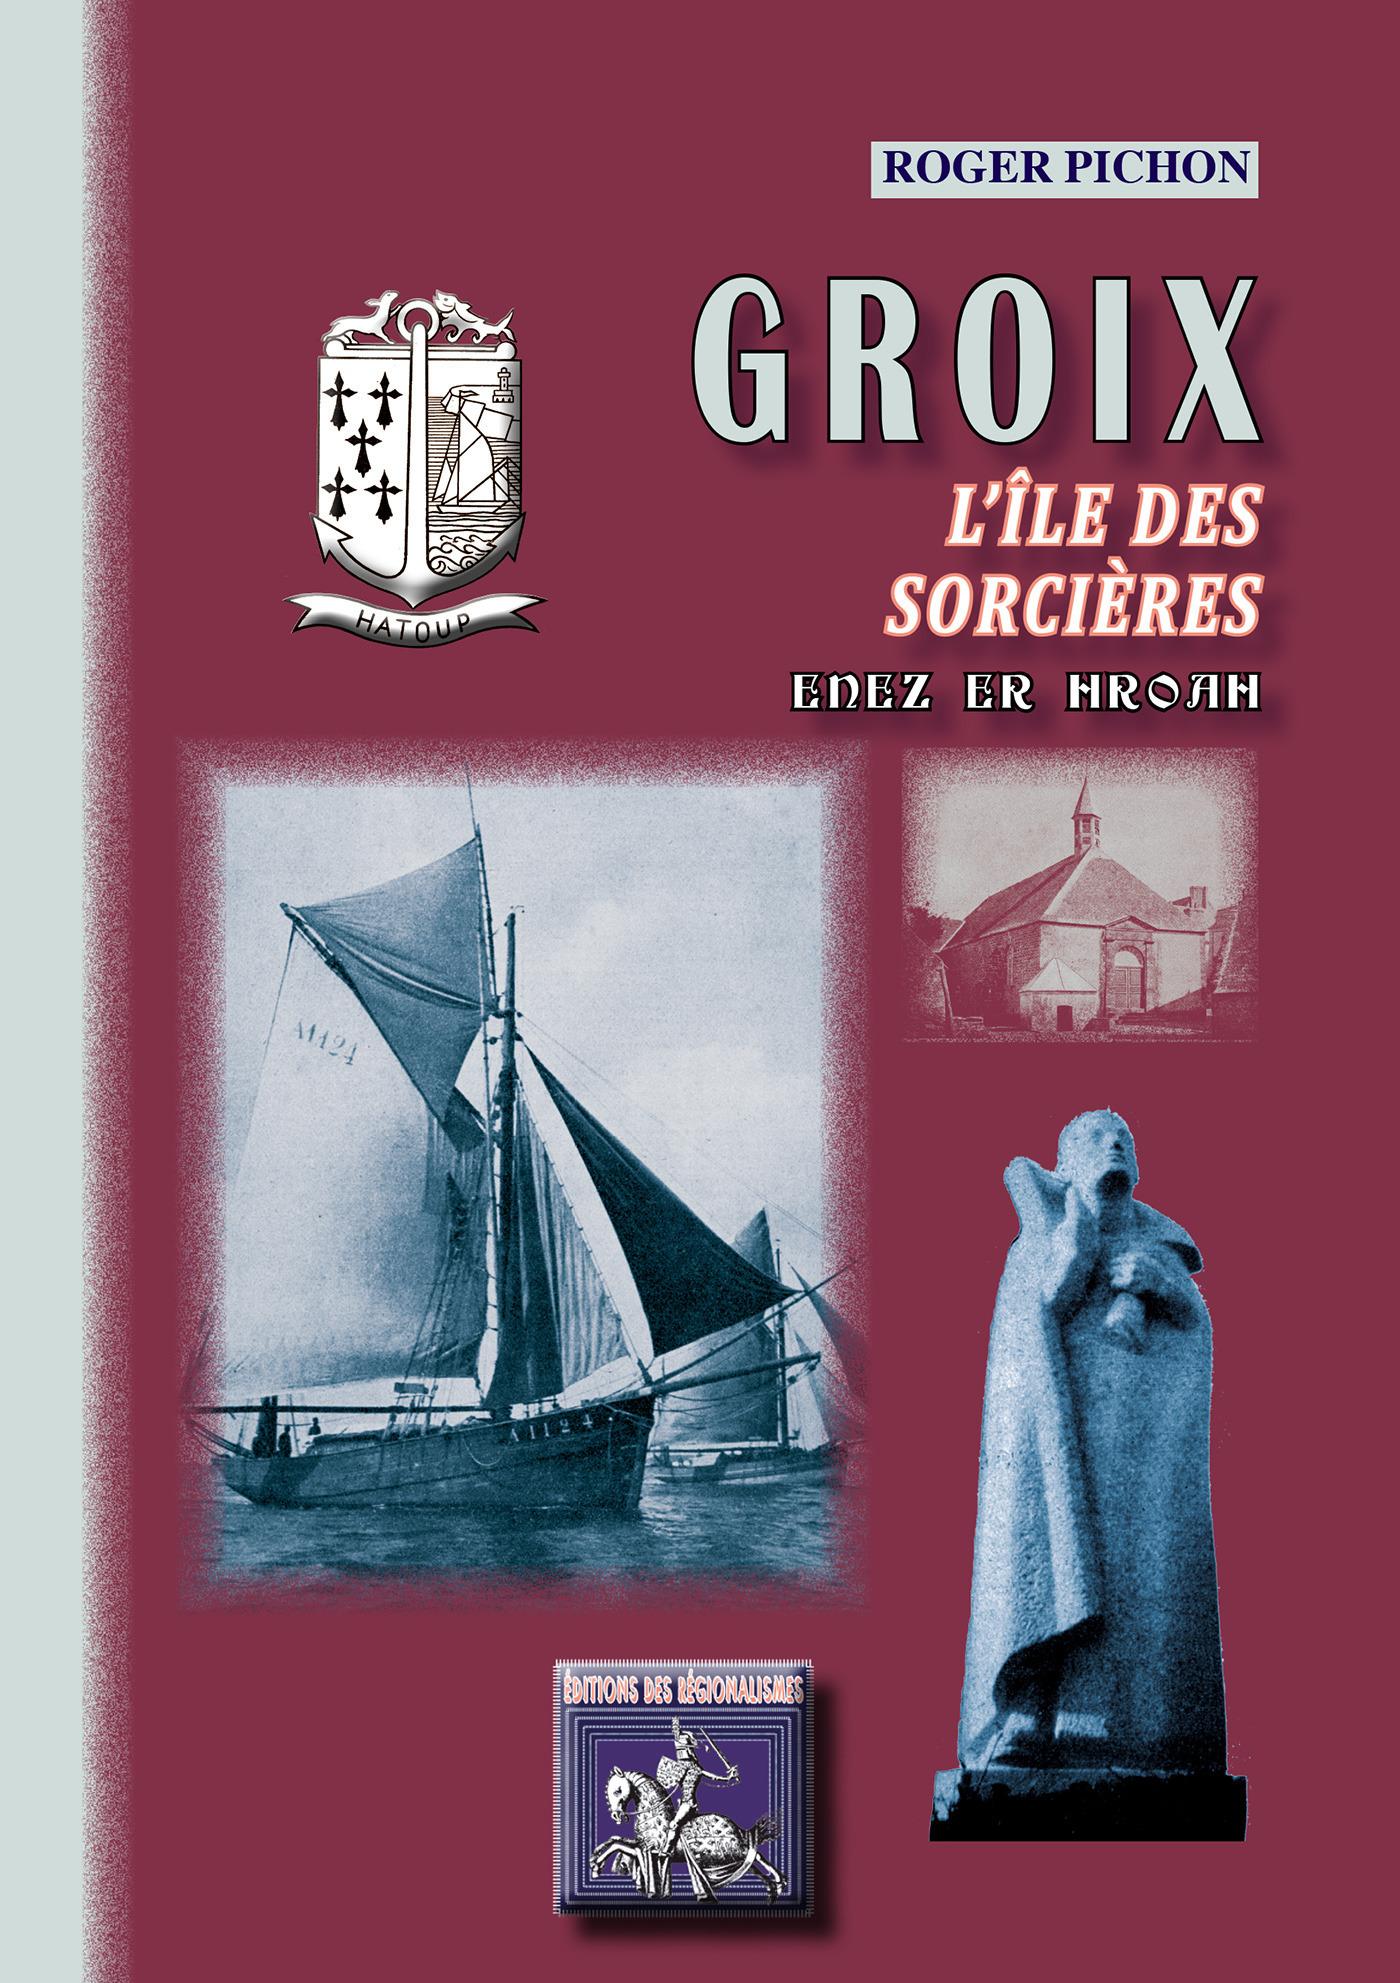 Groix, l'île des sorcières, enez er hroah